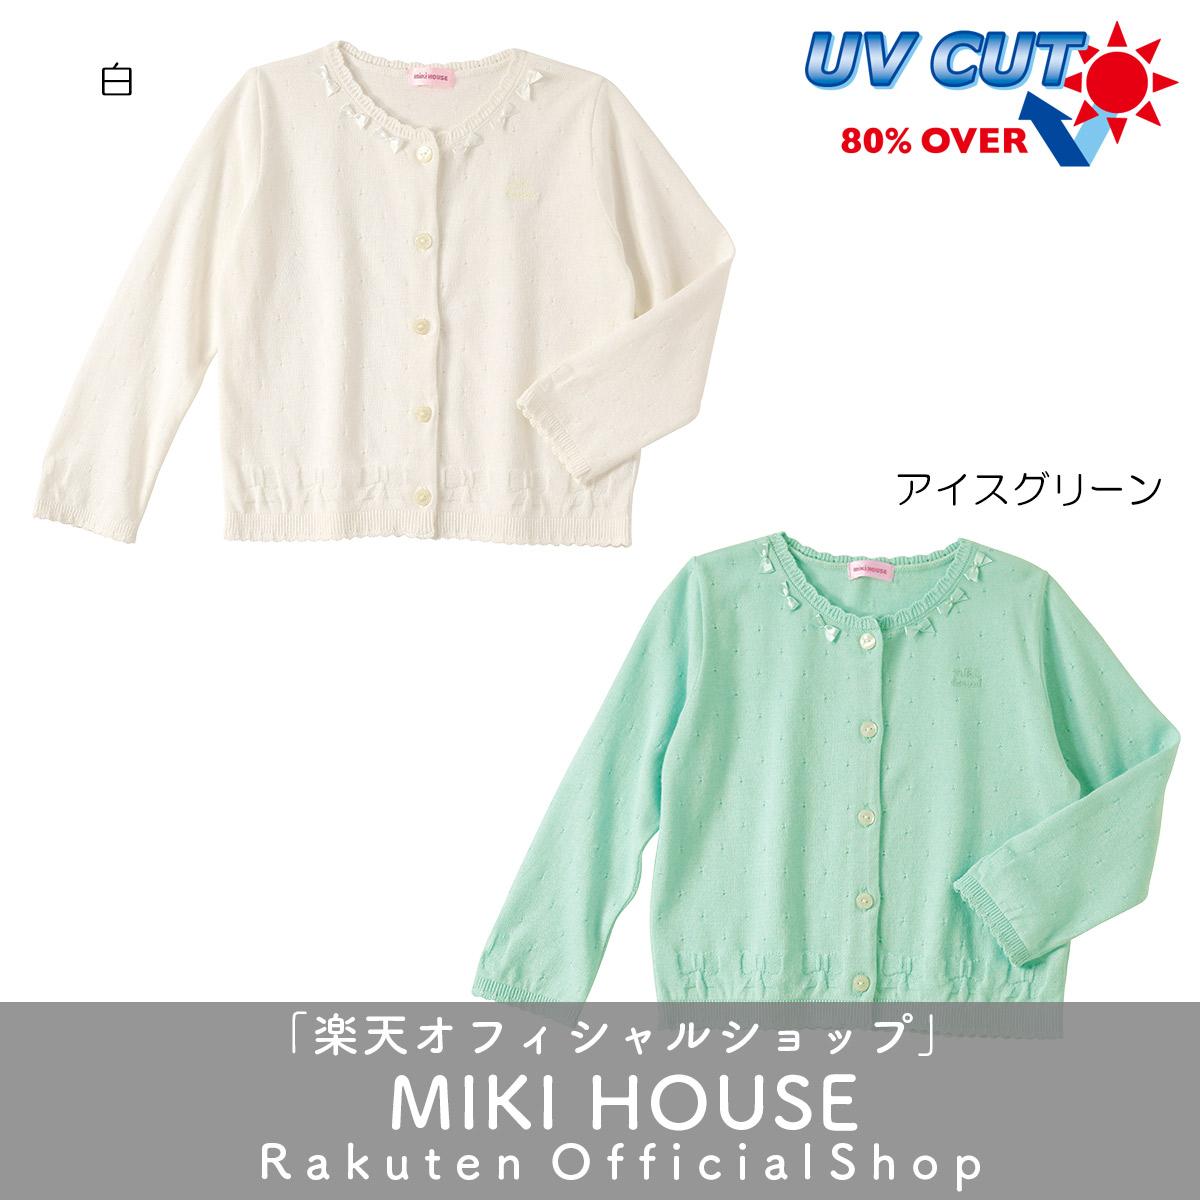 【アウトレット】ミキハウス mikihouse カーディガン(140cm)